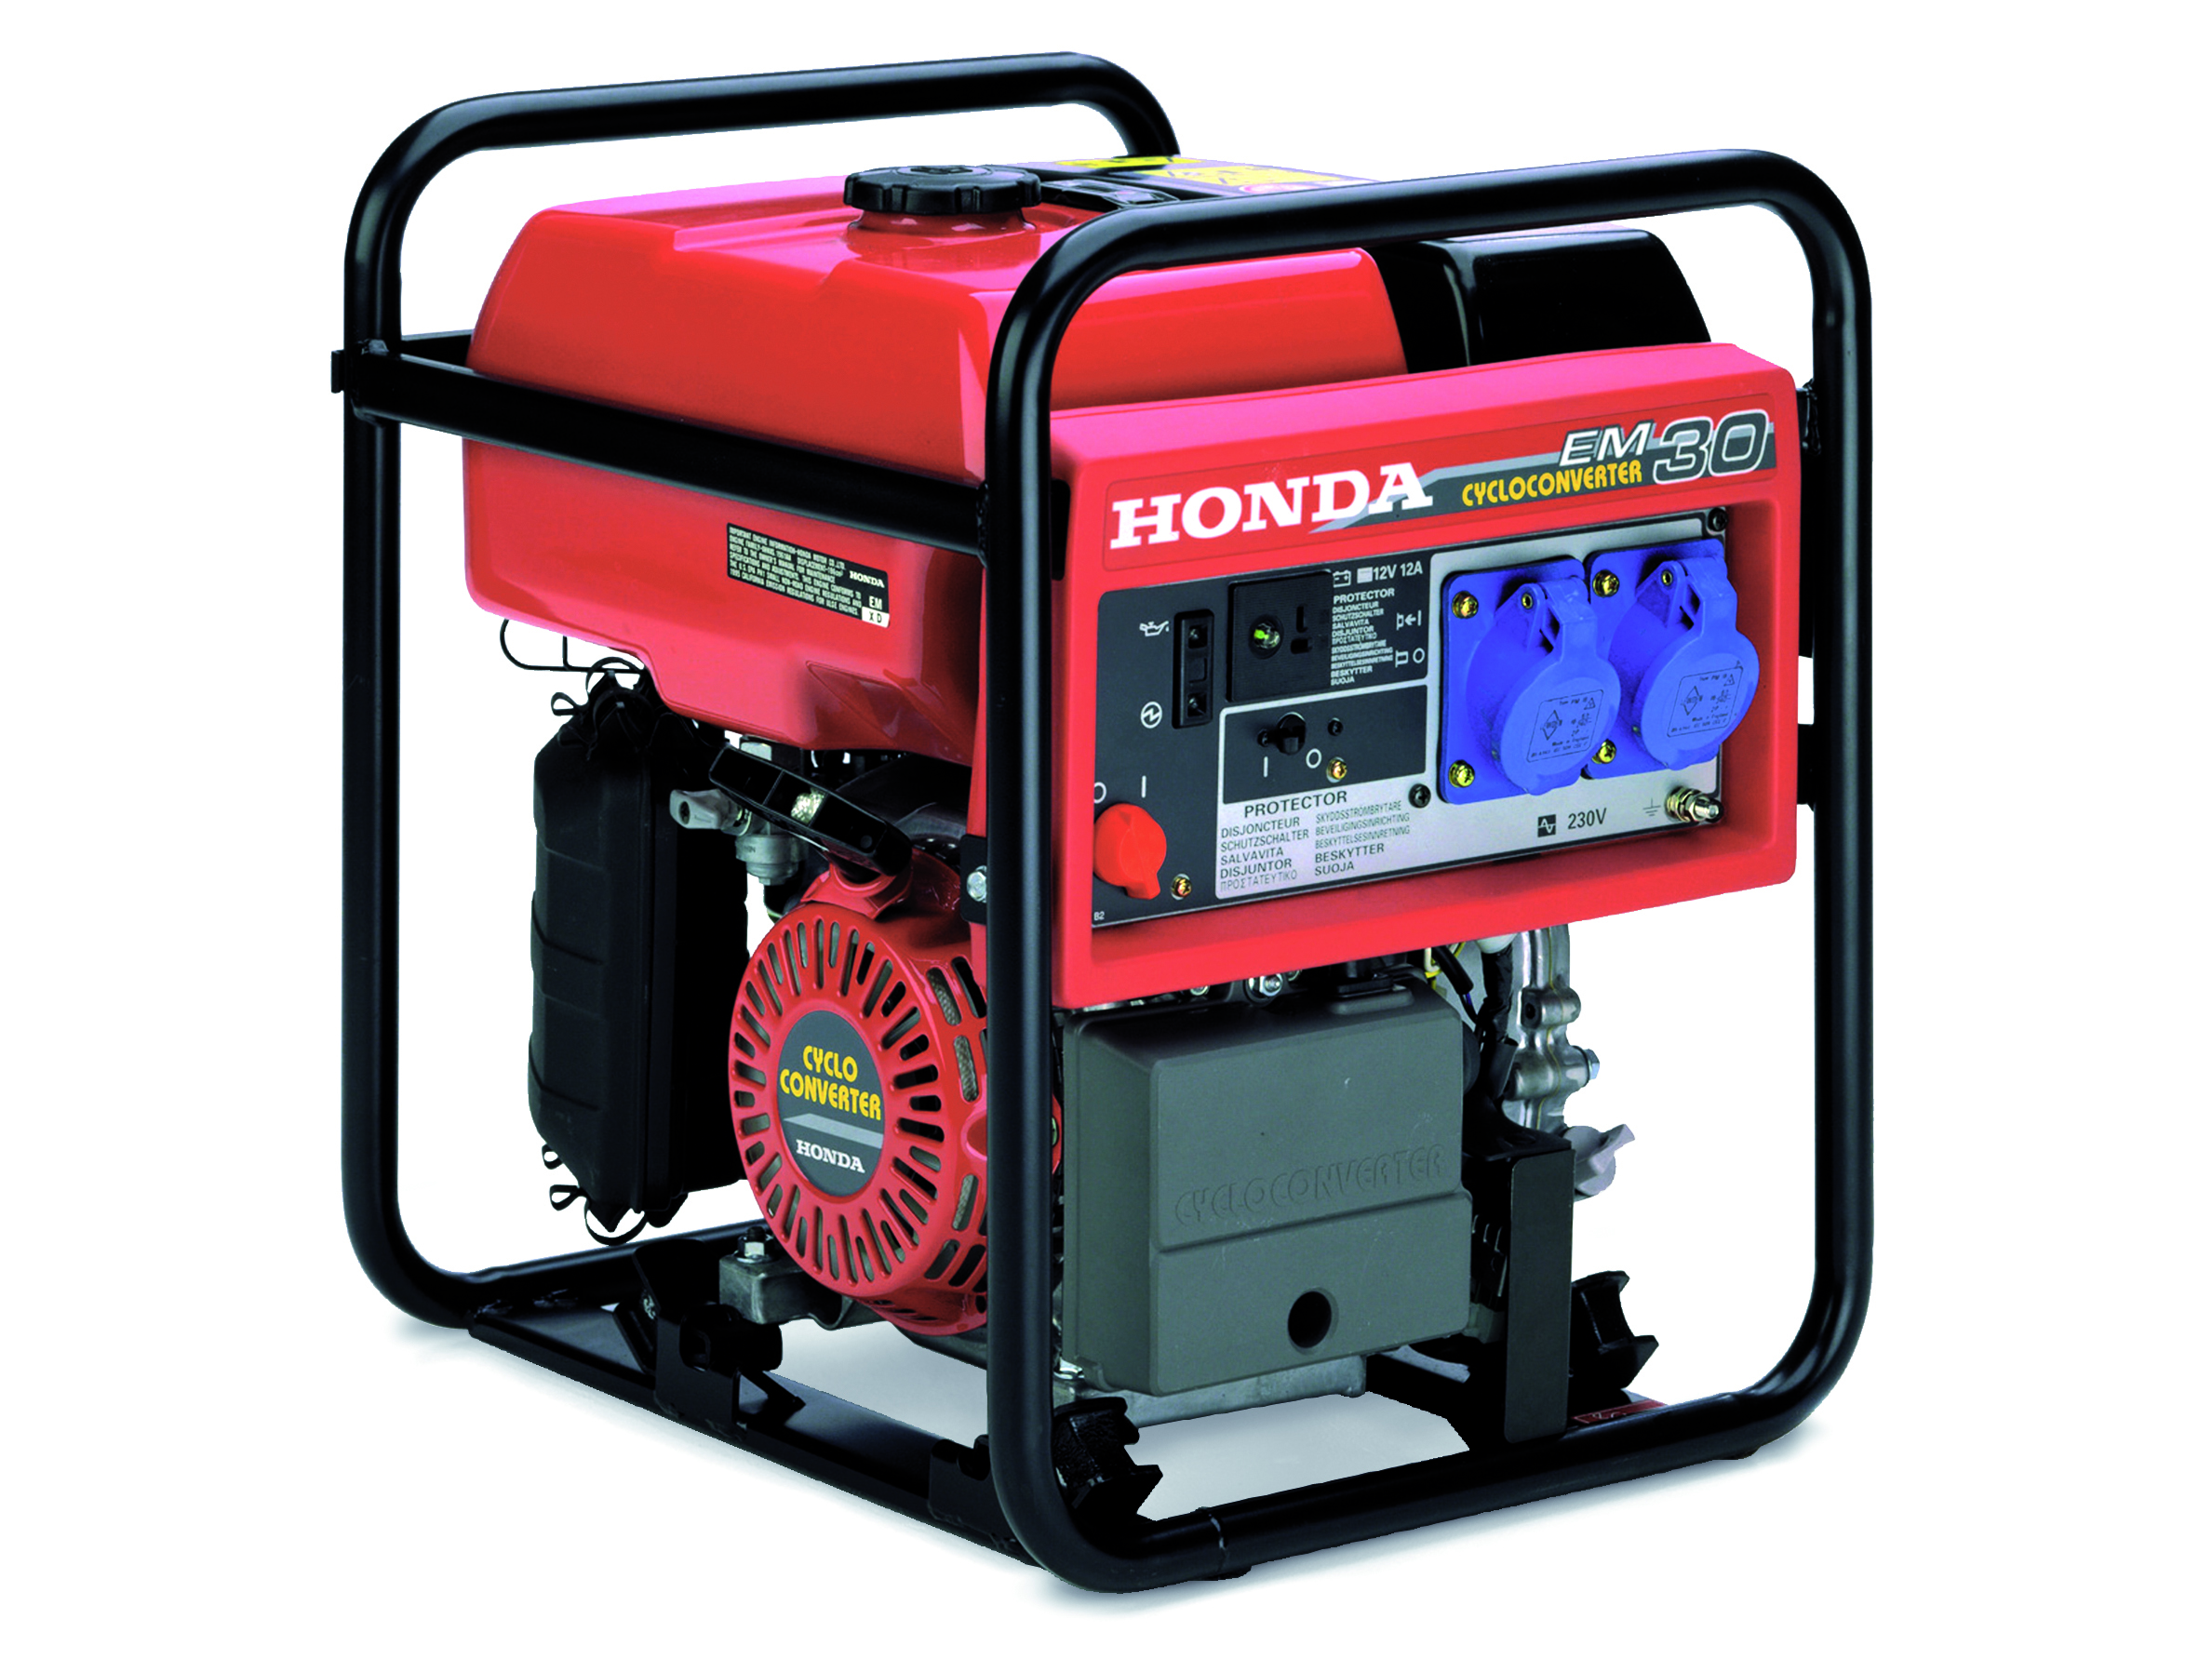 Honda EM30-generaattori H0007